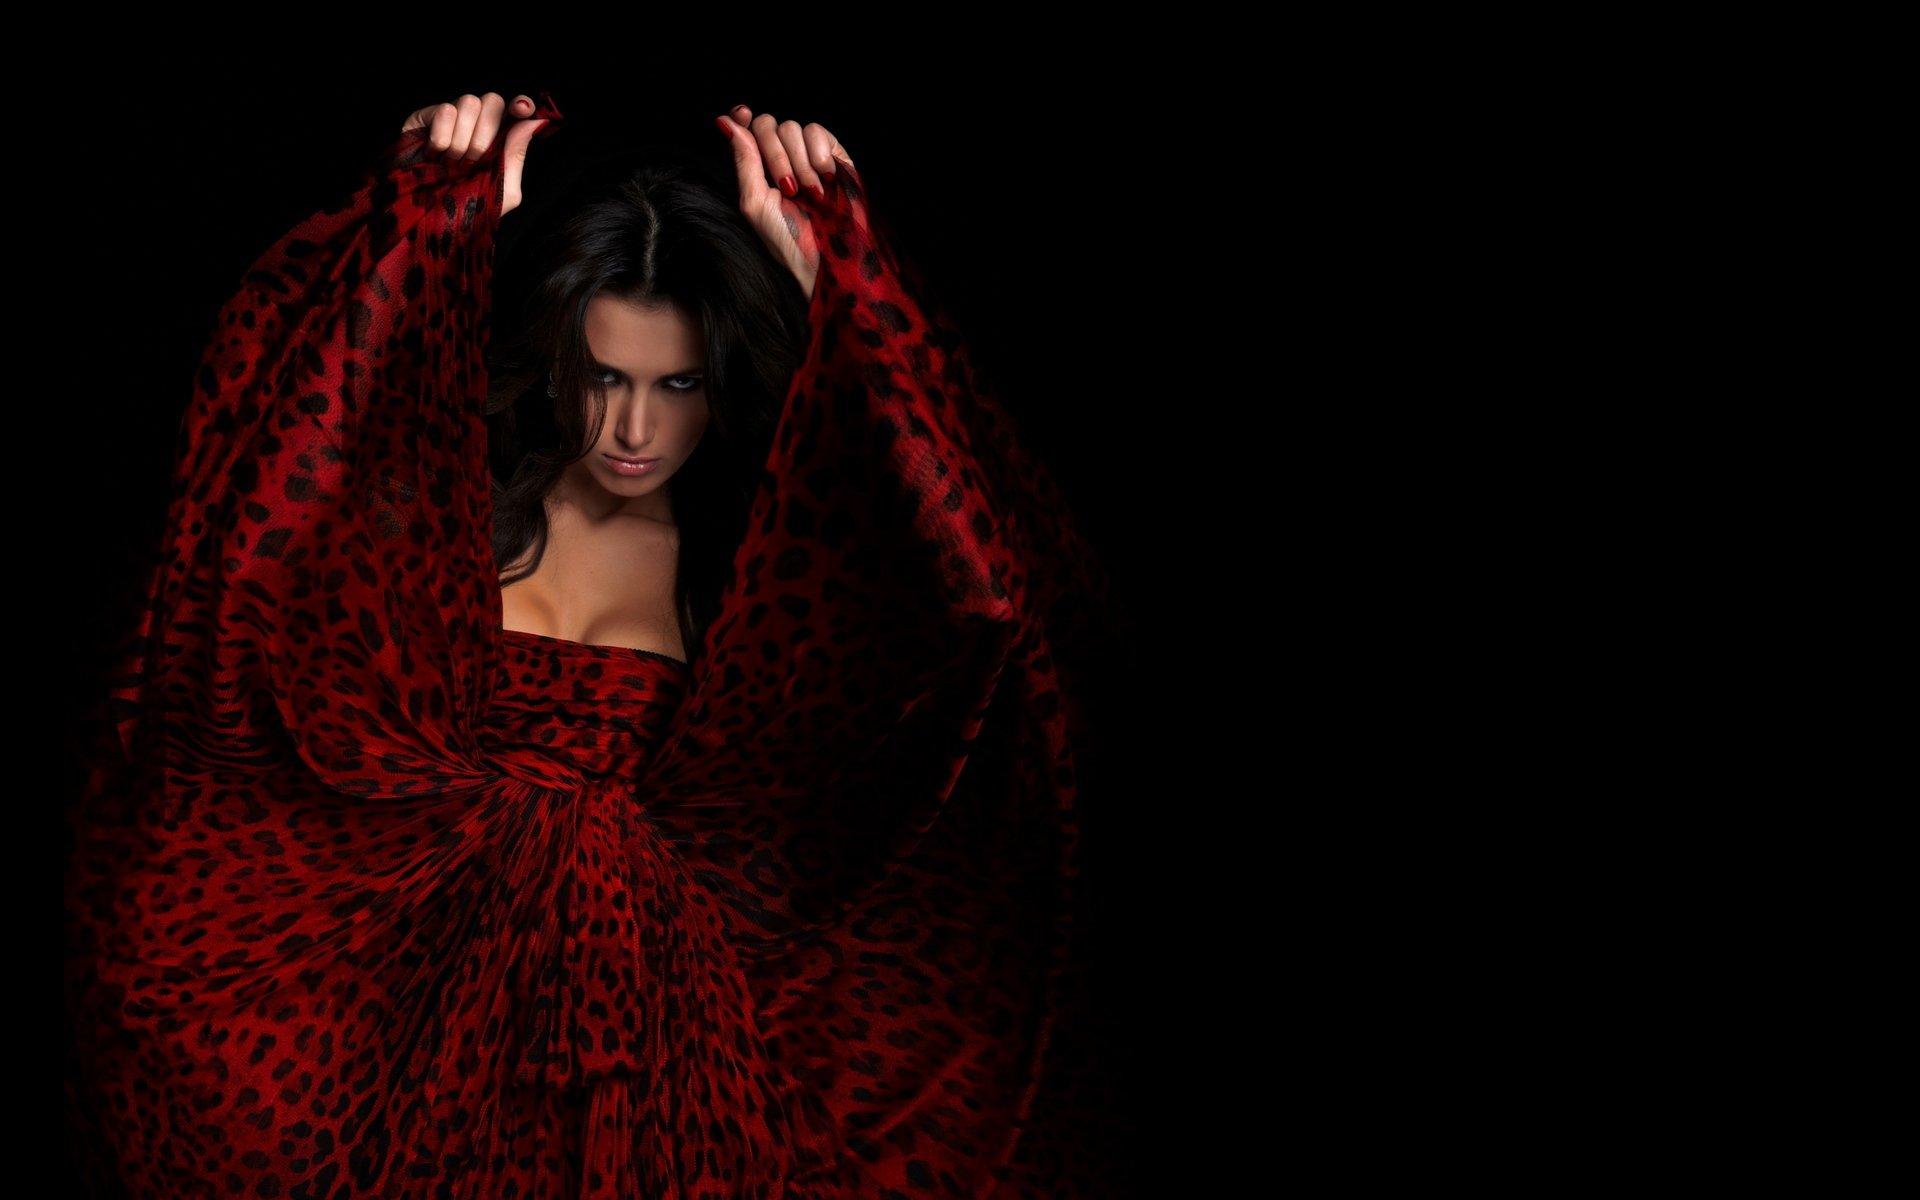 бесстрашная девушка в красном без смс